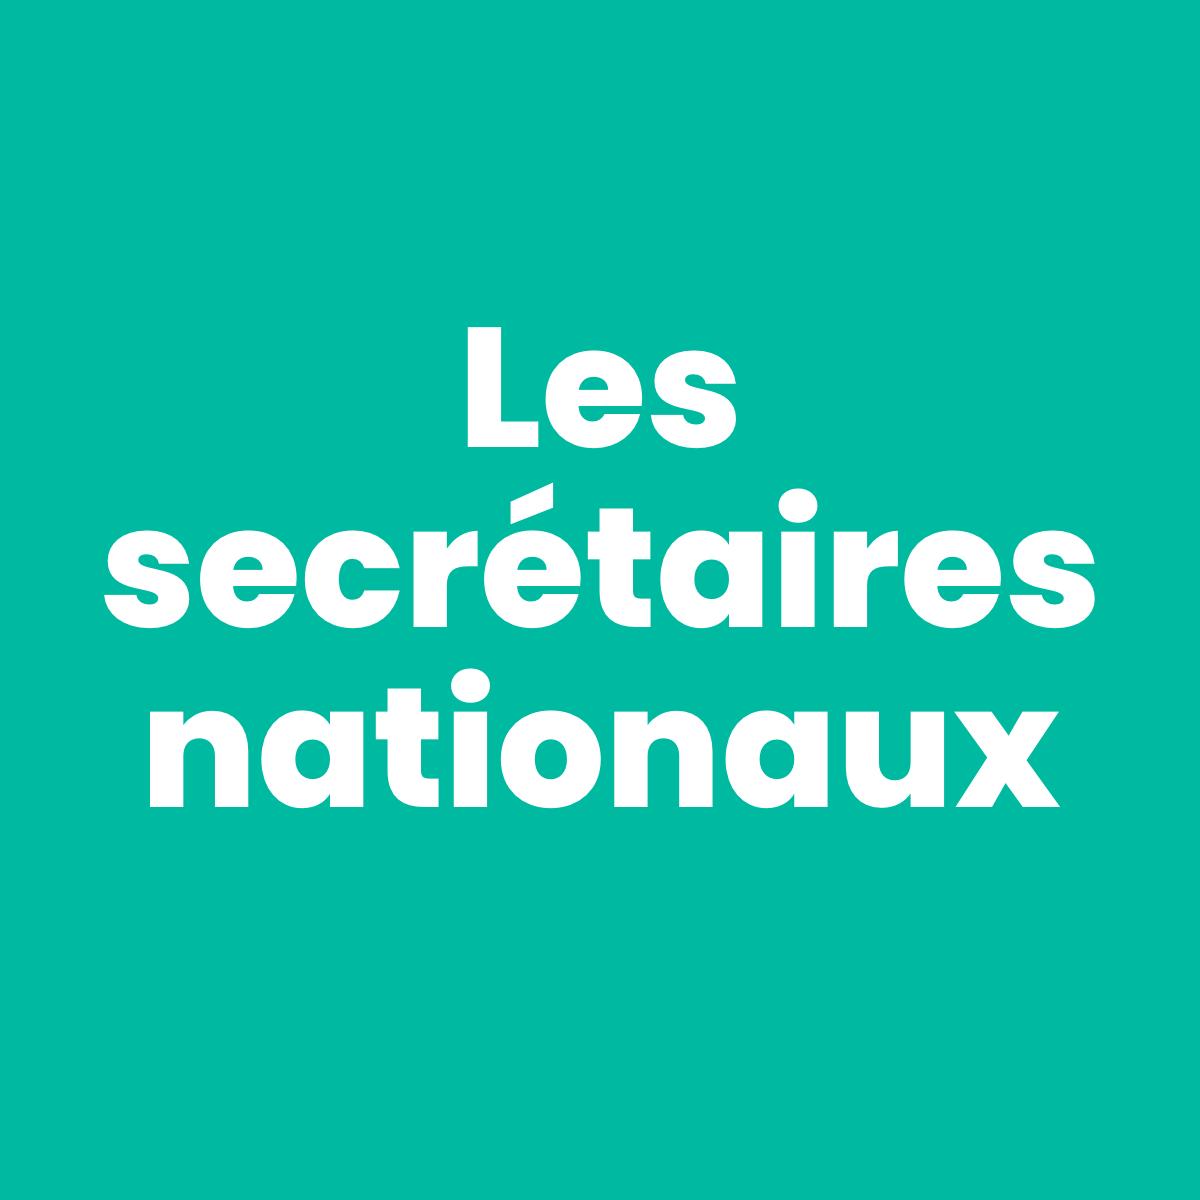 Les secrétaires nationaux